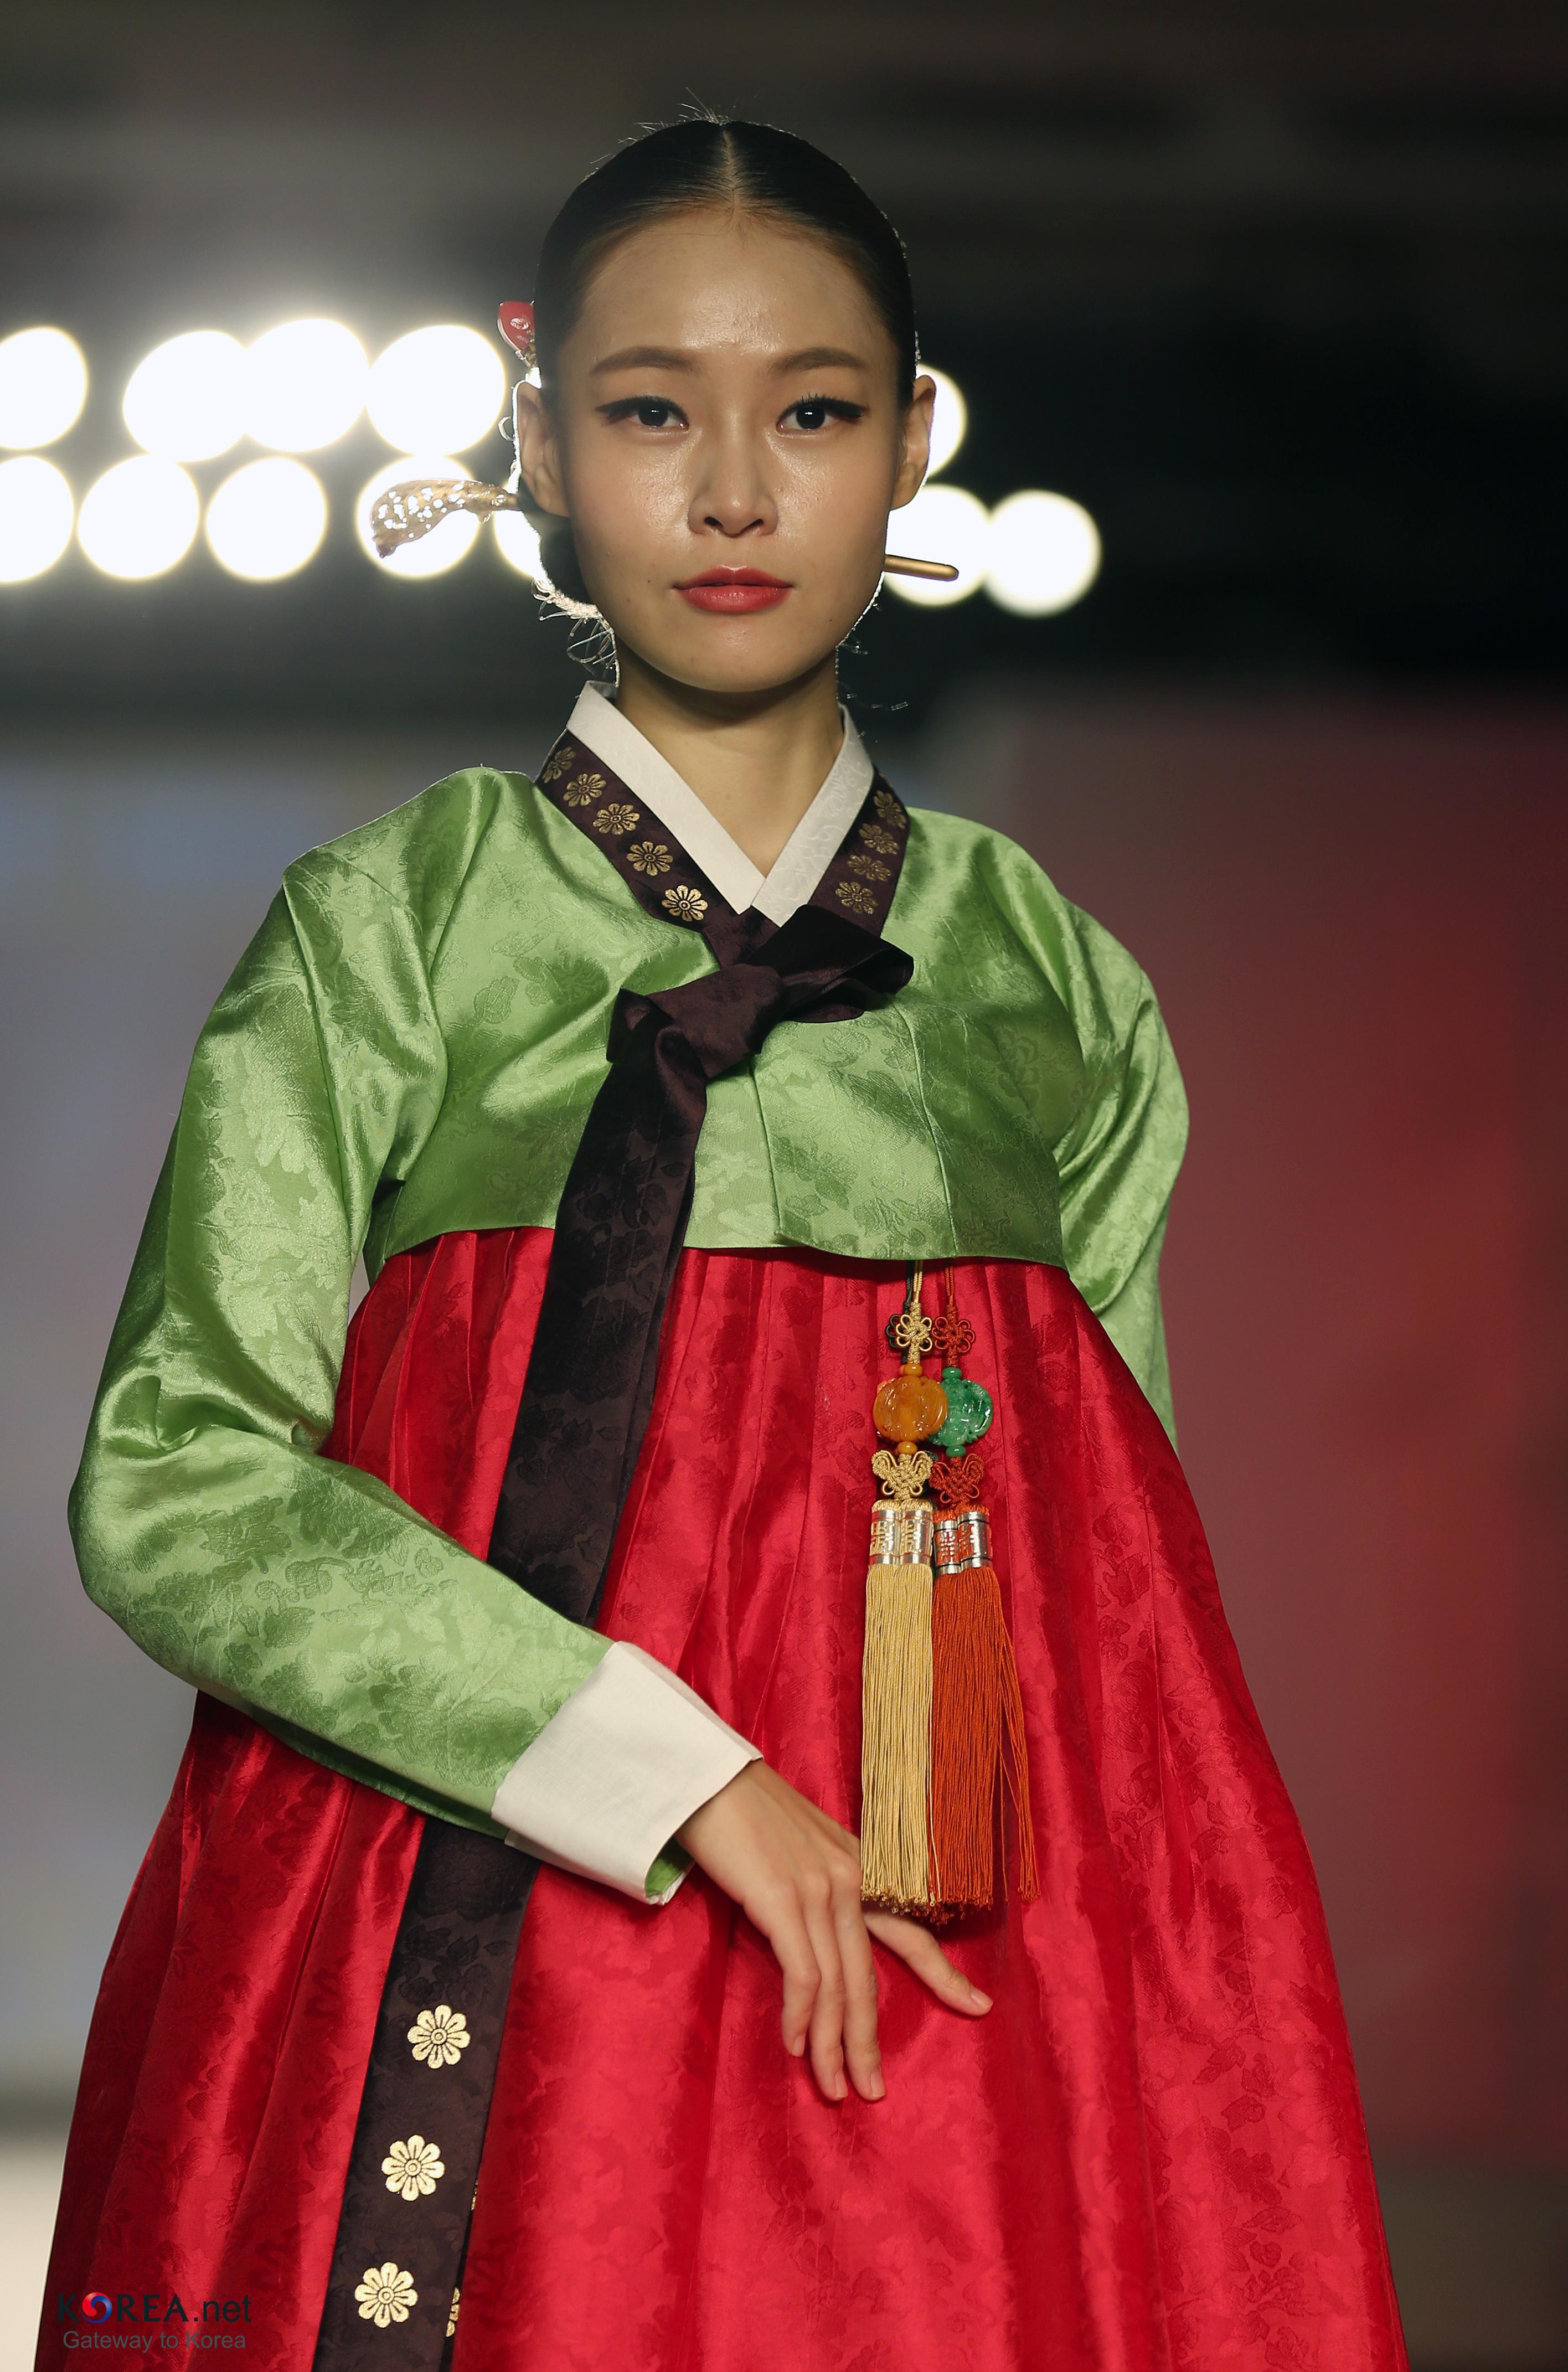 filekocis korea hanbokaodai fashionshow 61 9766489263